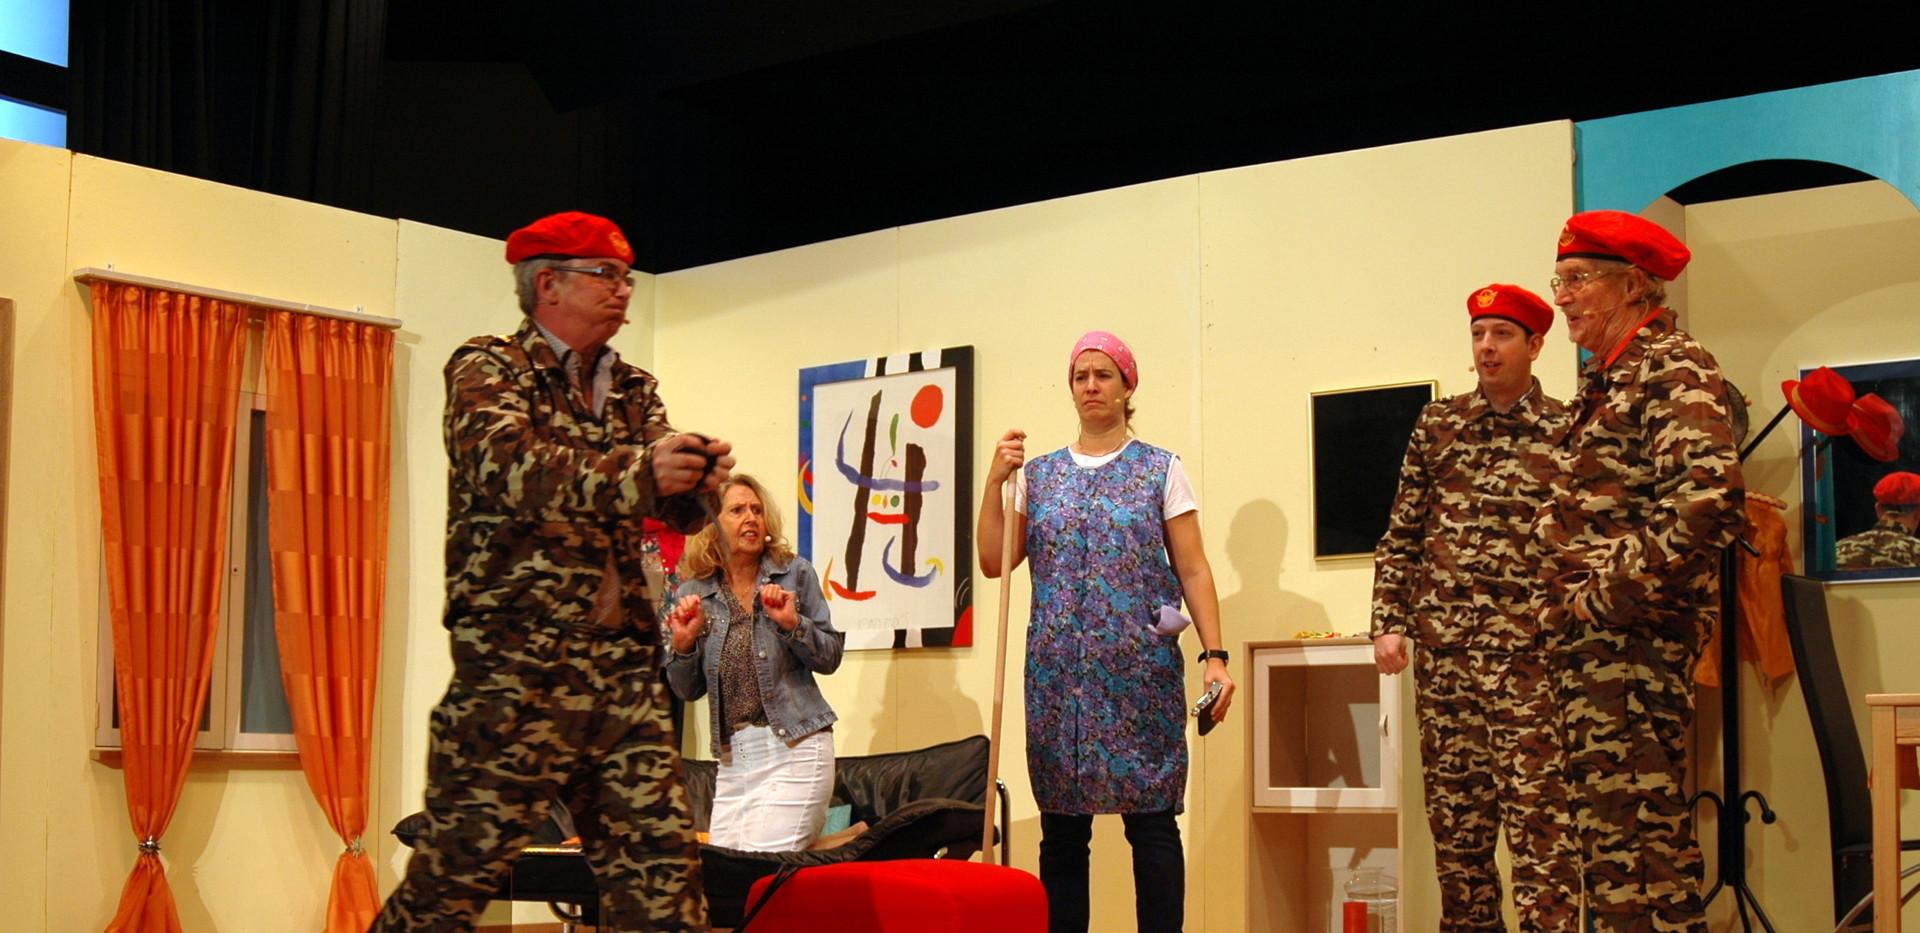 Theaterbilder2018 (39).JPG